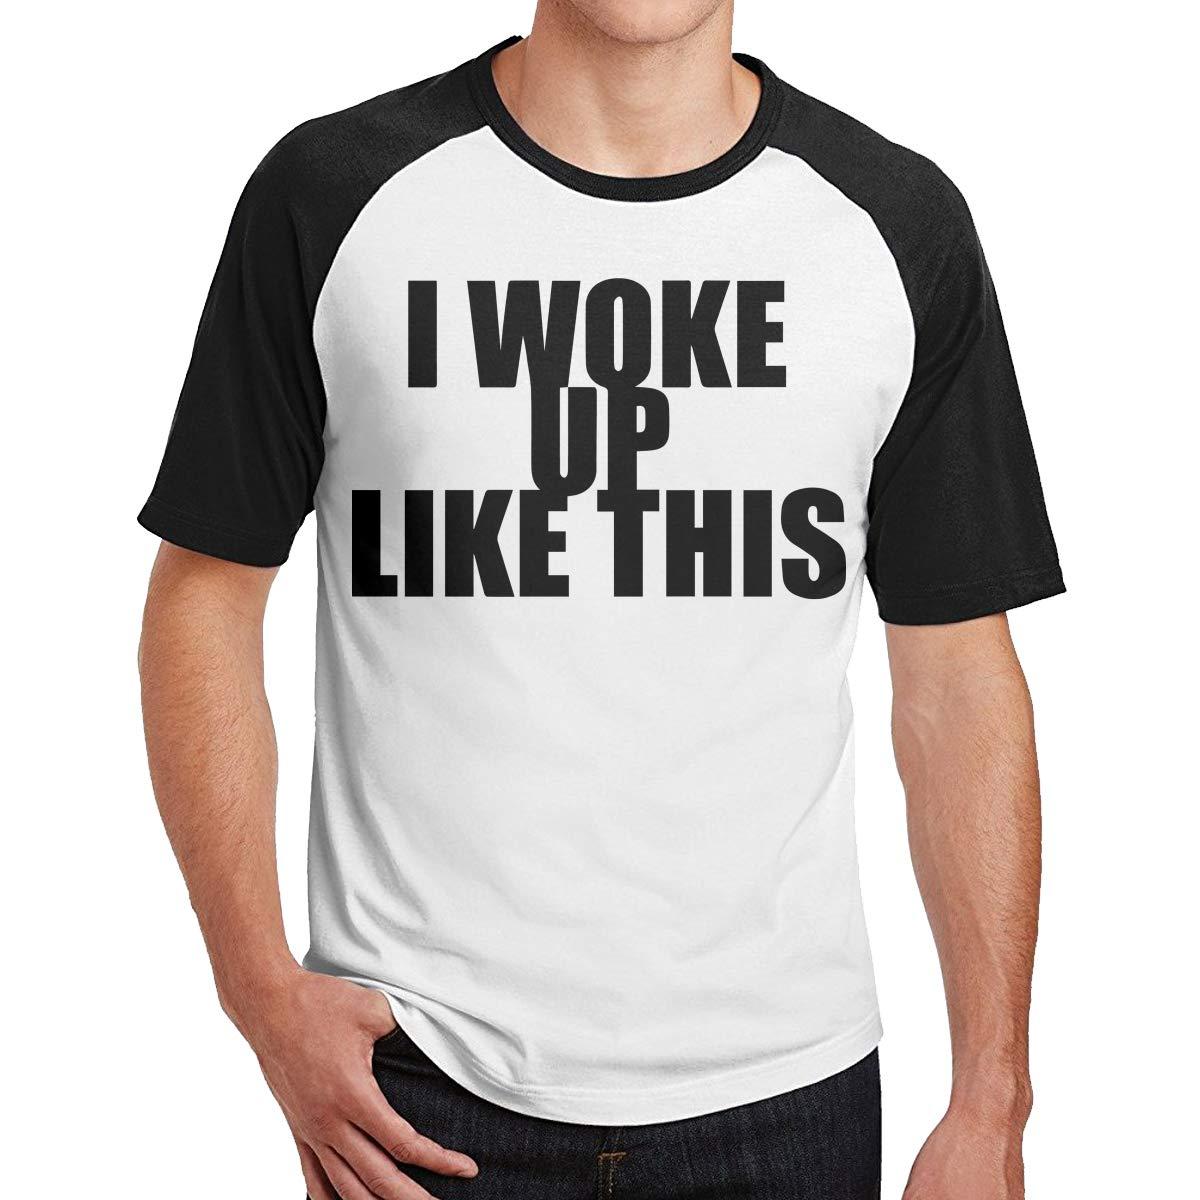 I Woke Up LiKE This Black tshirt fashion model